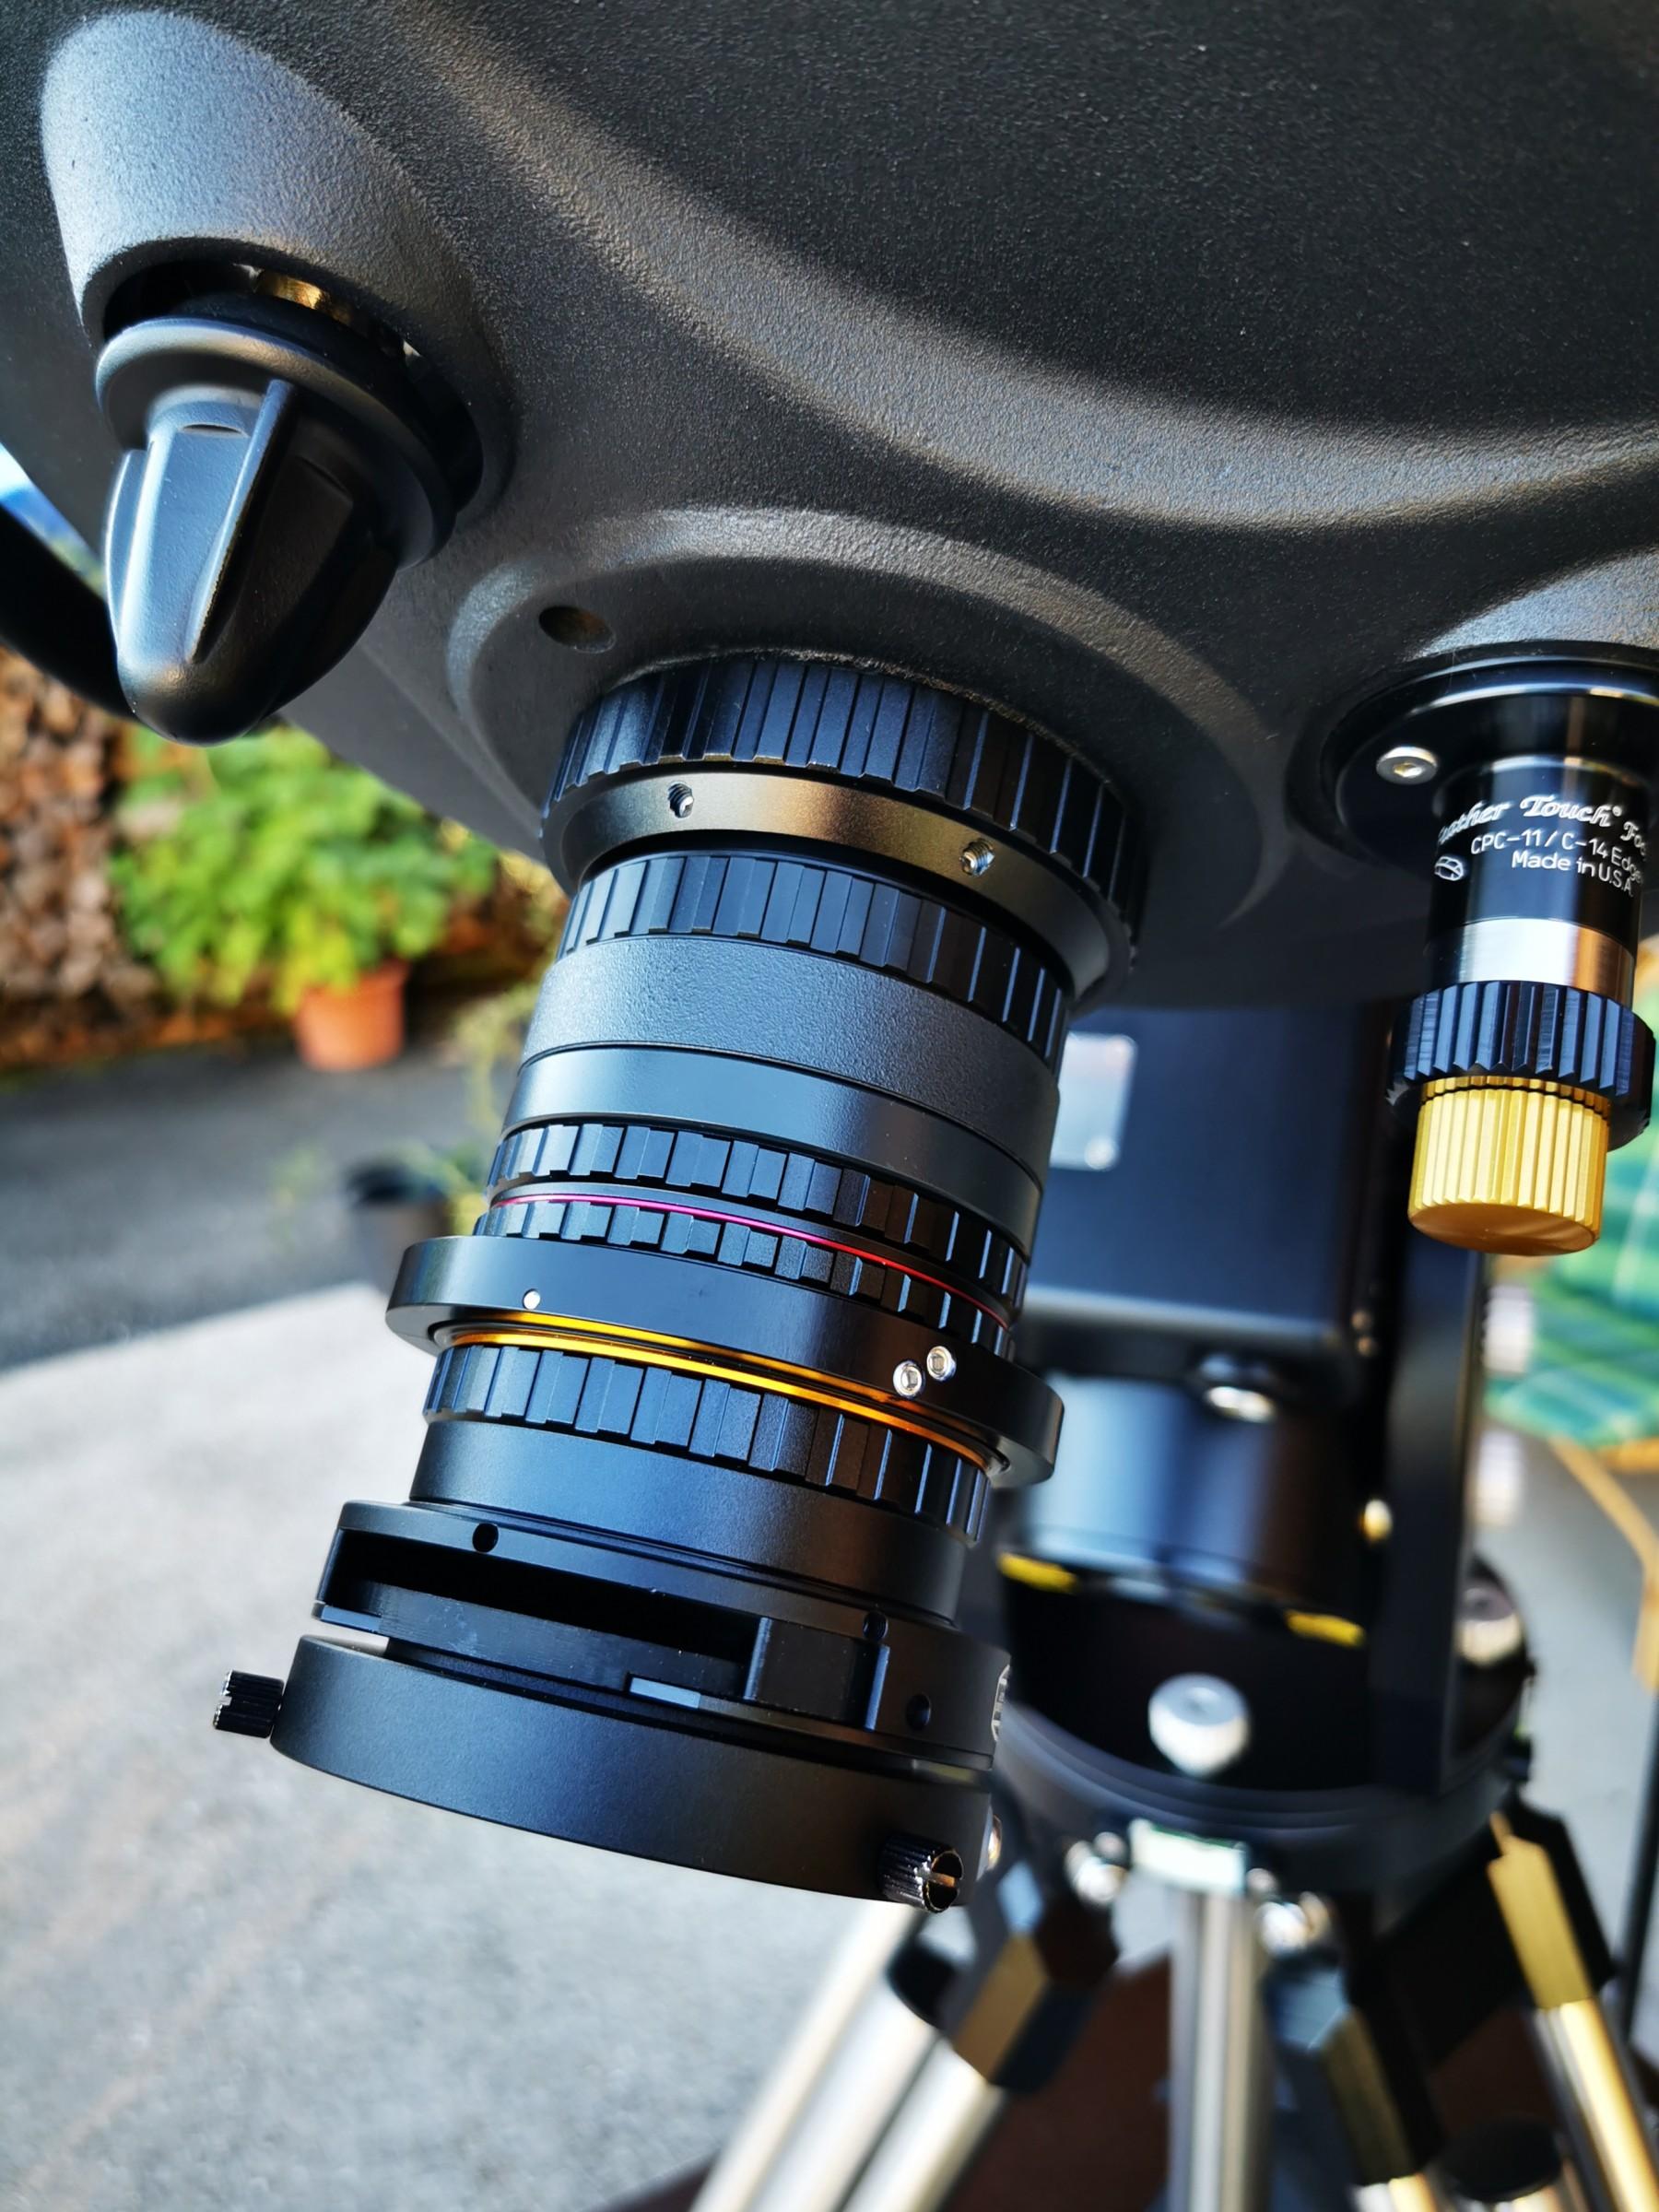 Application: Baader M68 Adapter mit M68-Tilter + UFC für die QHY600M Kamera